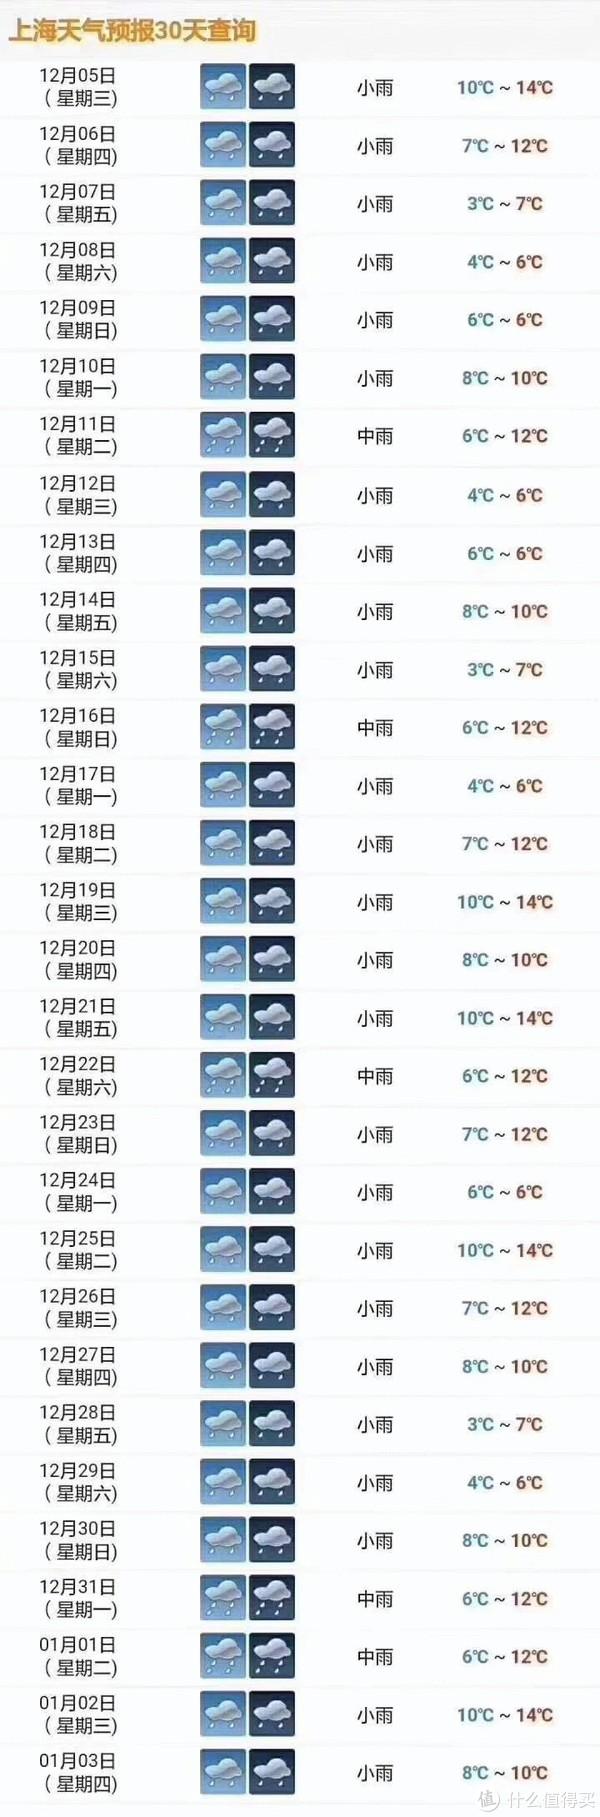 魔都一个月的天气预报